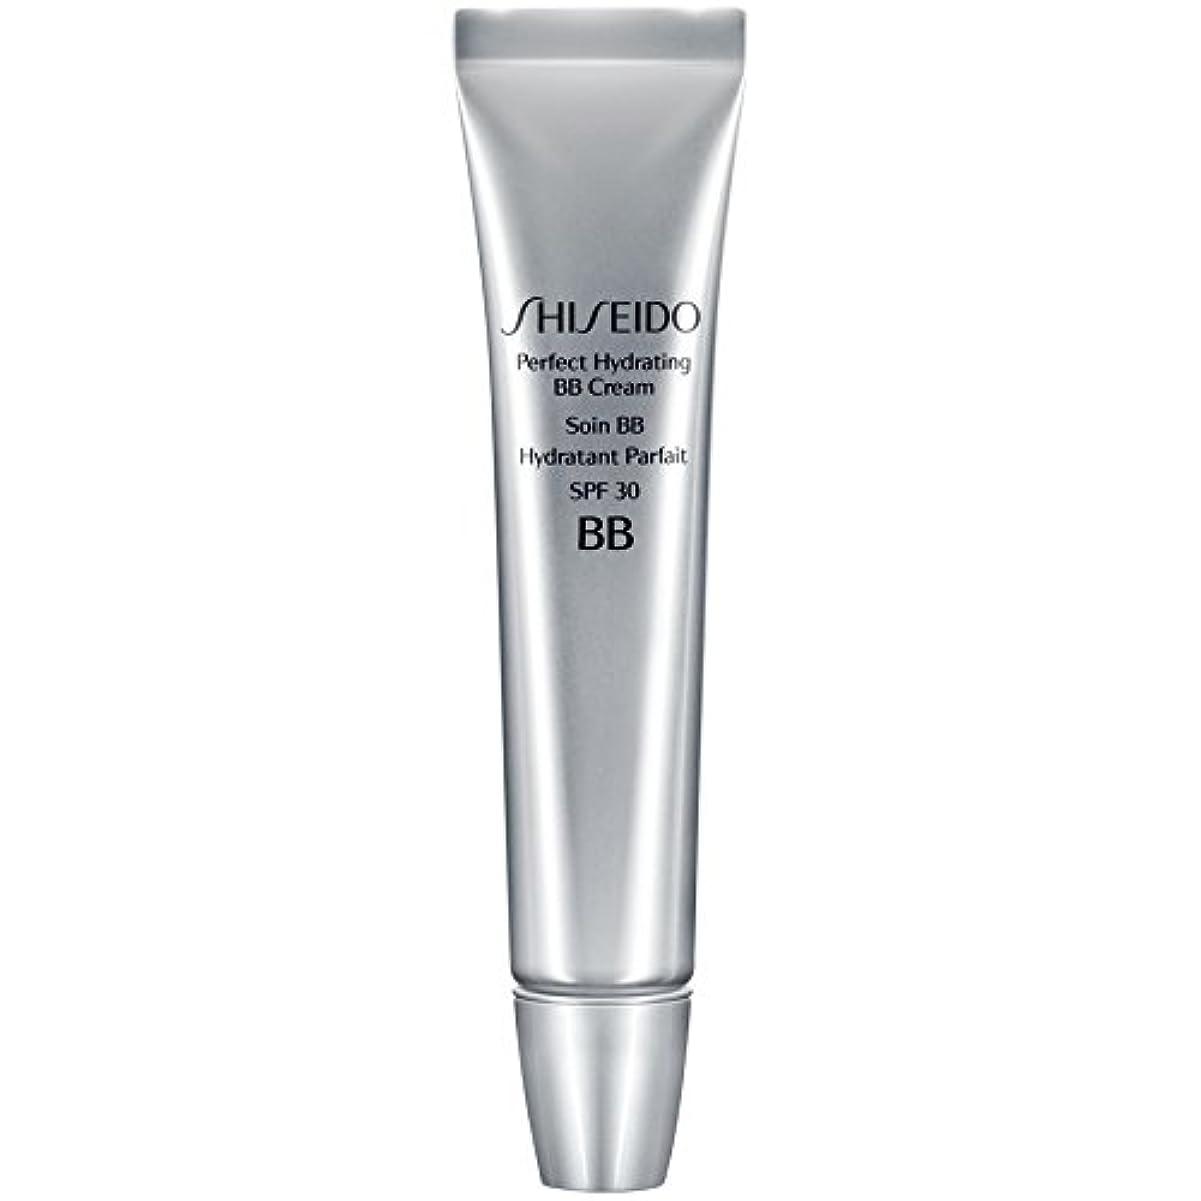 風邪をひく初期じゃない[Shiseido ] 資生堂完璧な水和BbクリームSpf 30 30ミリリットルの暗いです - Shiseido Perfect Hydrating BB Cream SPF 30 30ml Dark [並行輸入品]